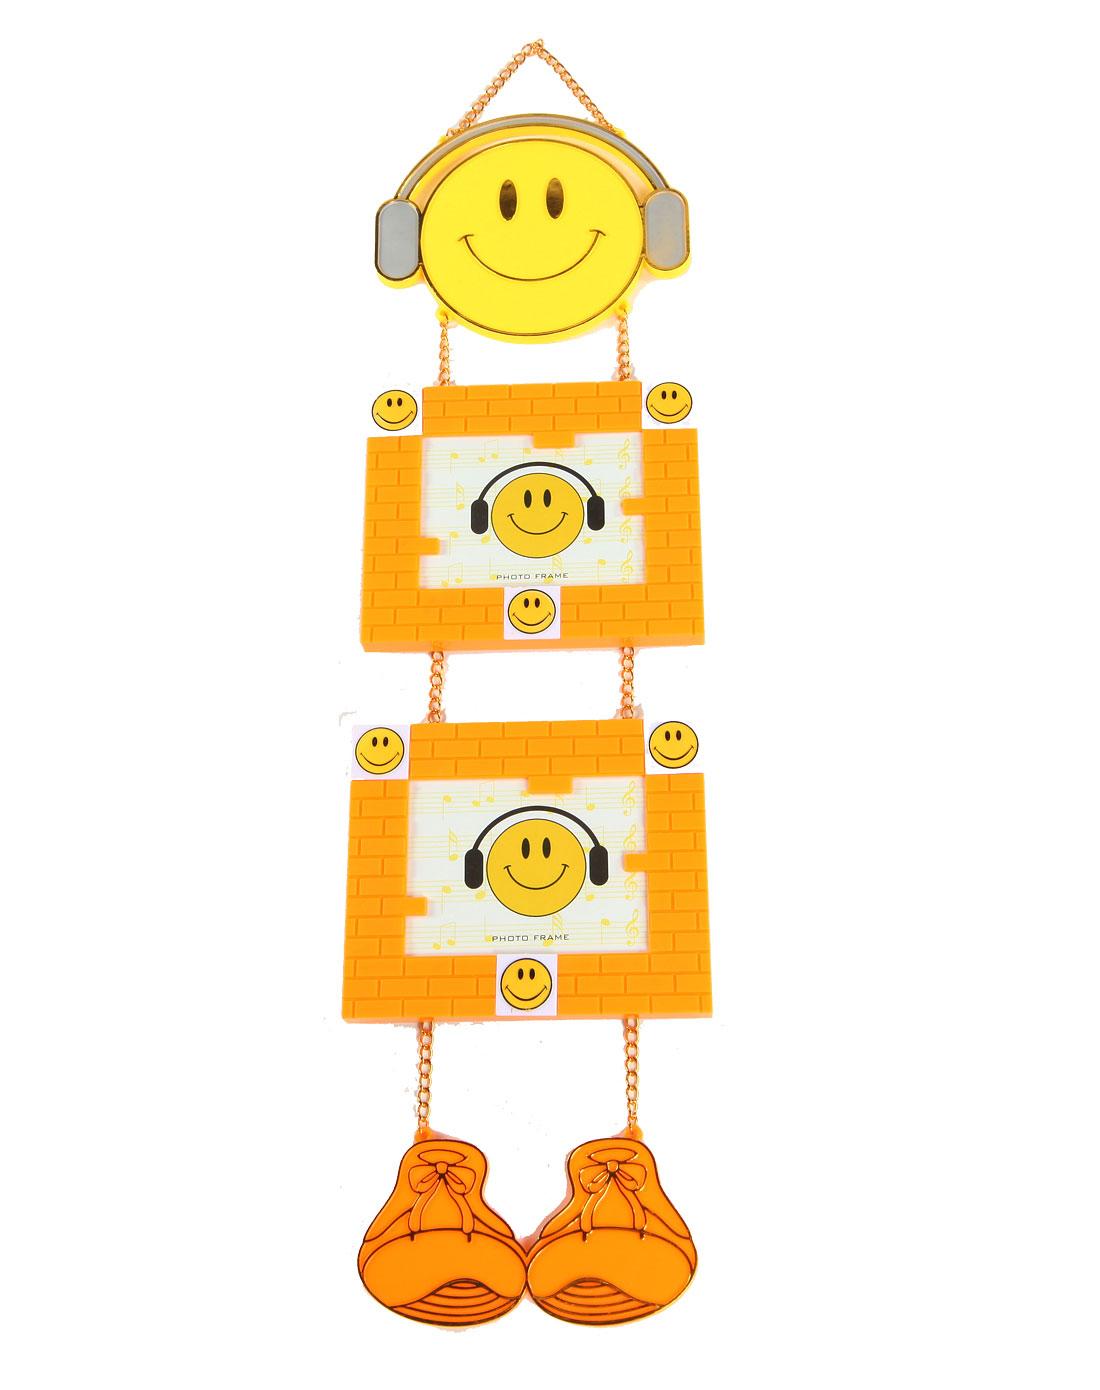 h&3家居用品专场橙色音乐达人卡通悬挂相框